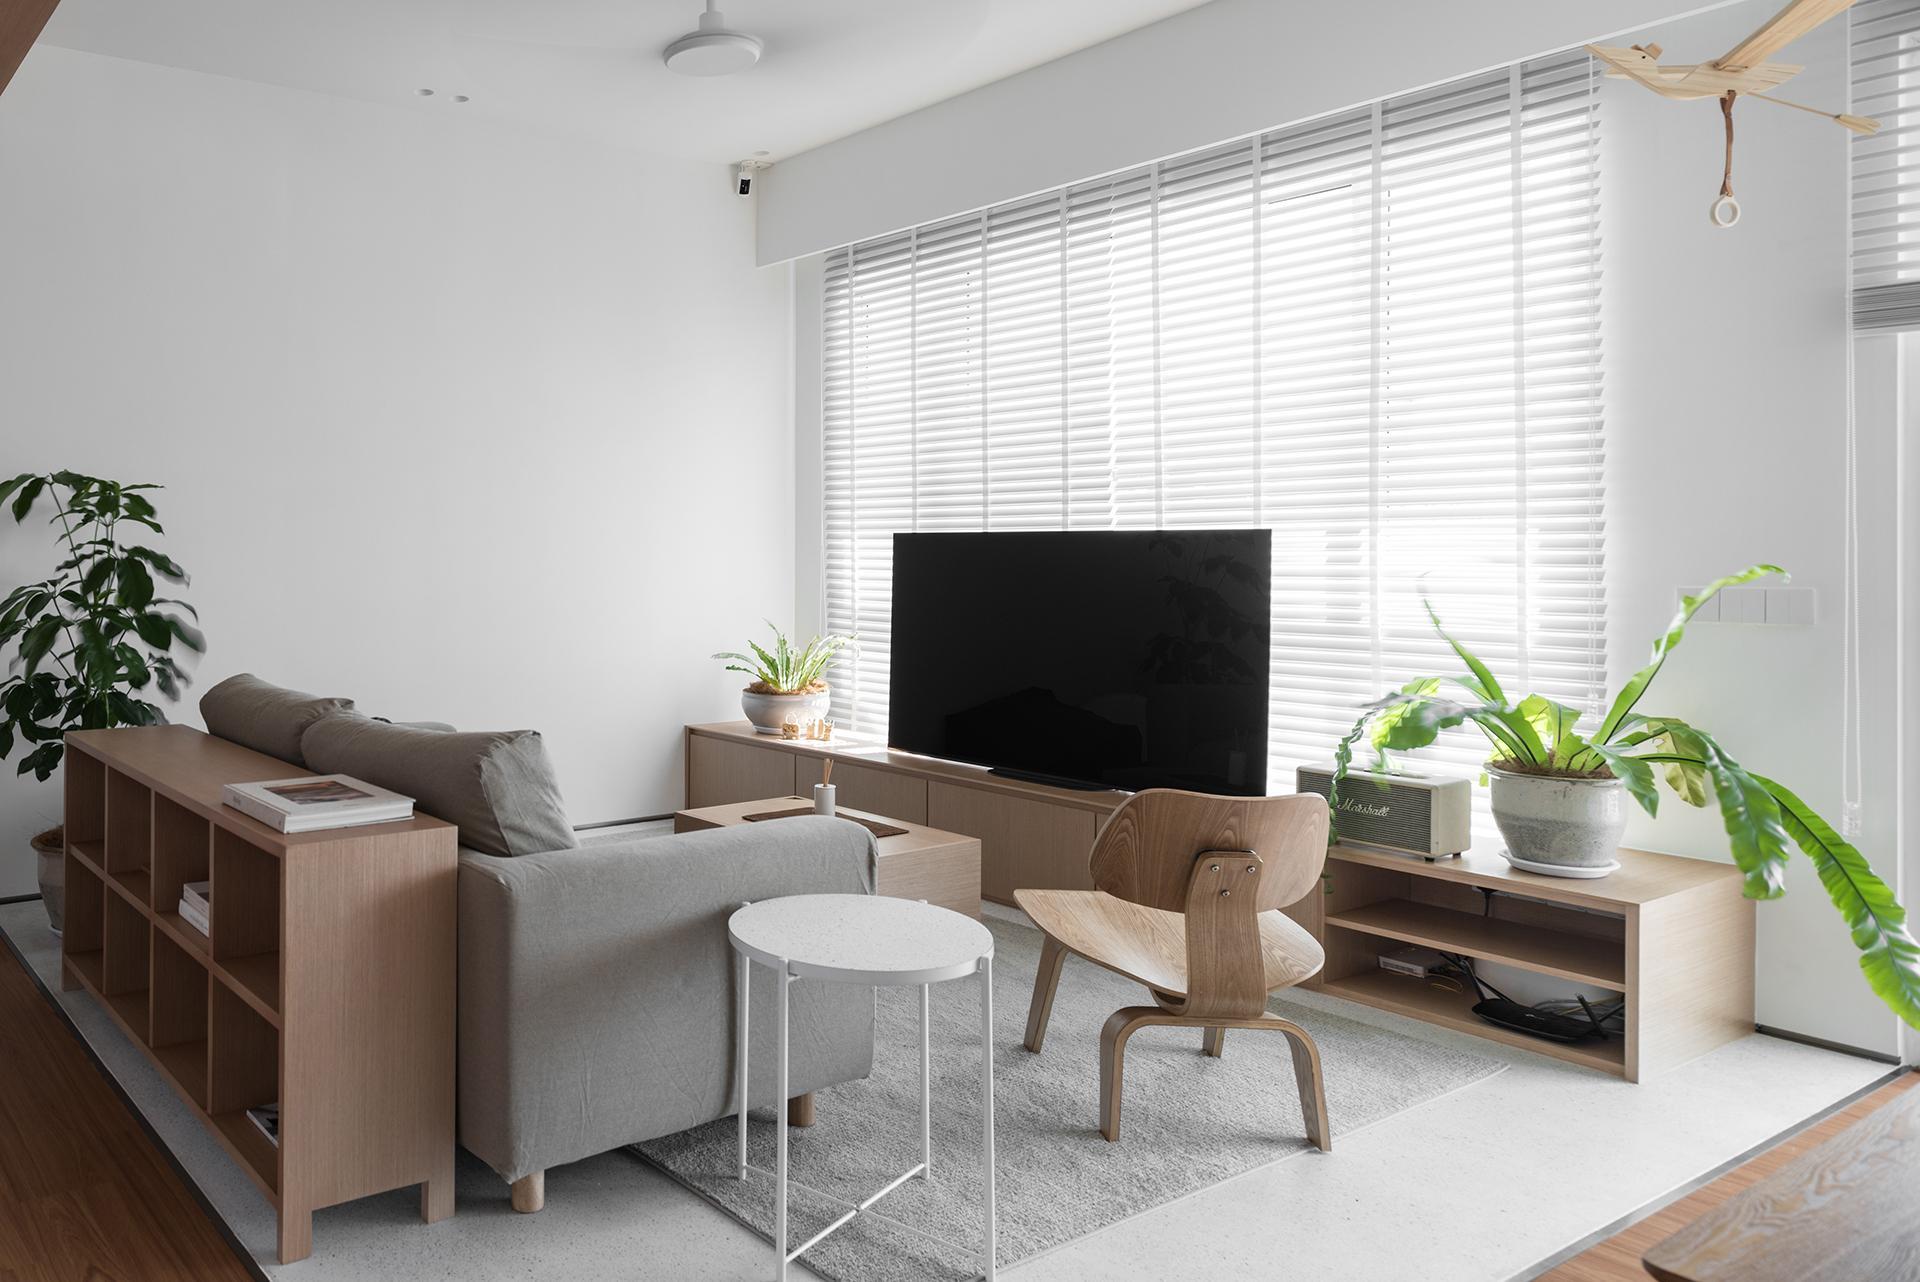 ห้องรับแขกสวยๆ แบบที่ 8 ห้องรับแขกสไตล์มูจิ (Muji-inspired style)